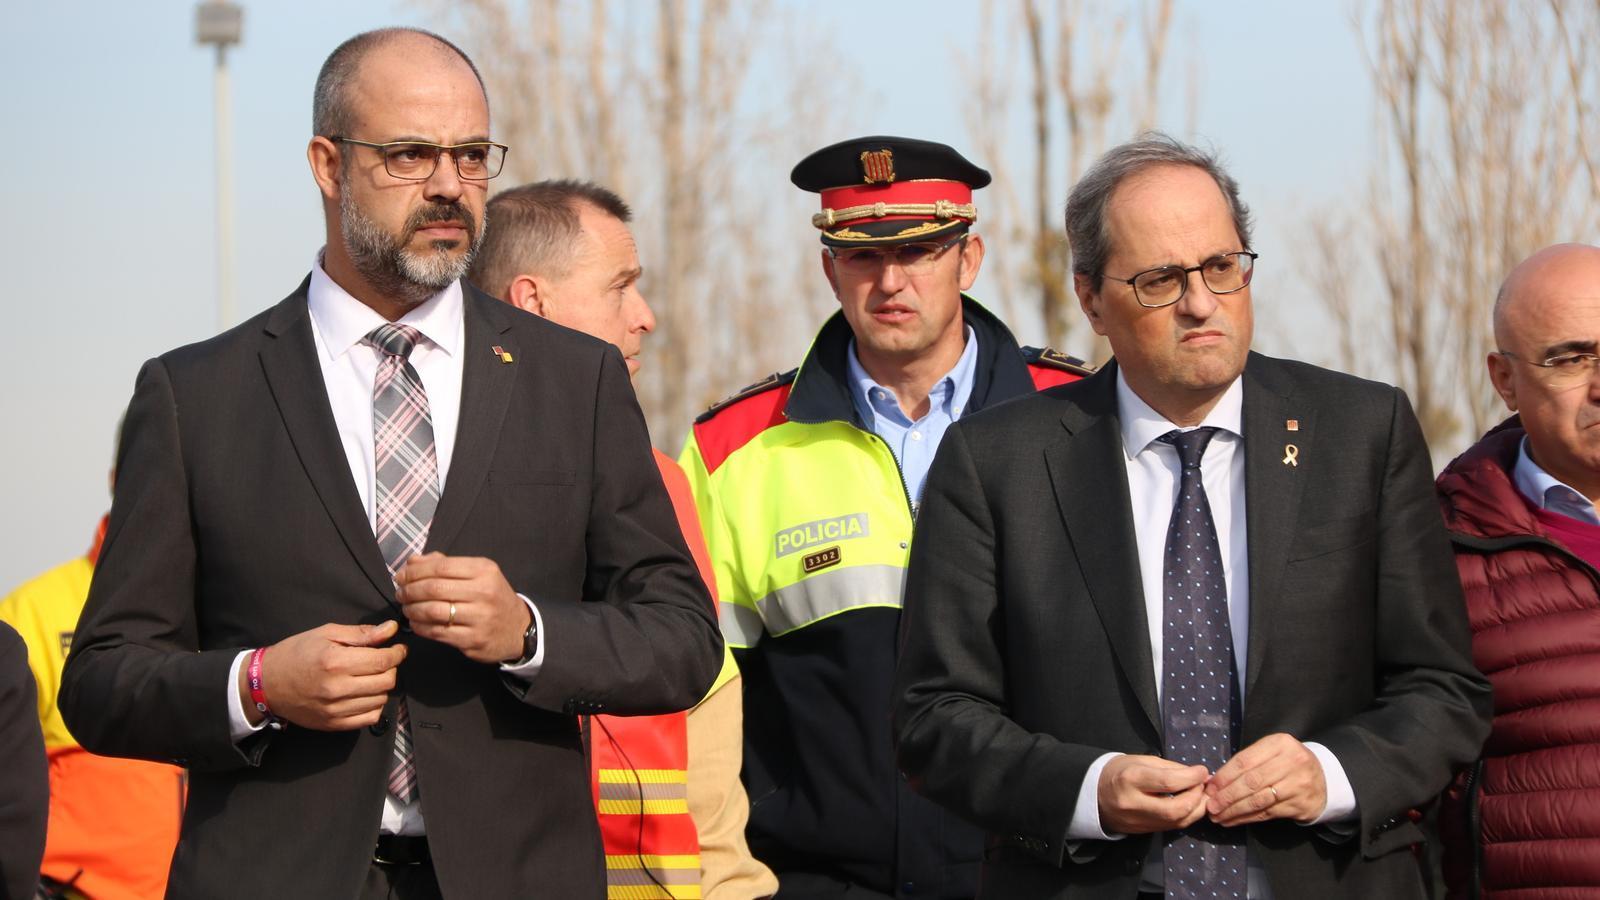 Els consellers cessats: tres trajectòries oposades dins del Govern